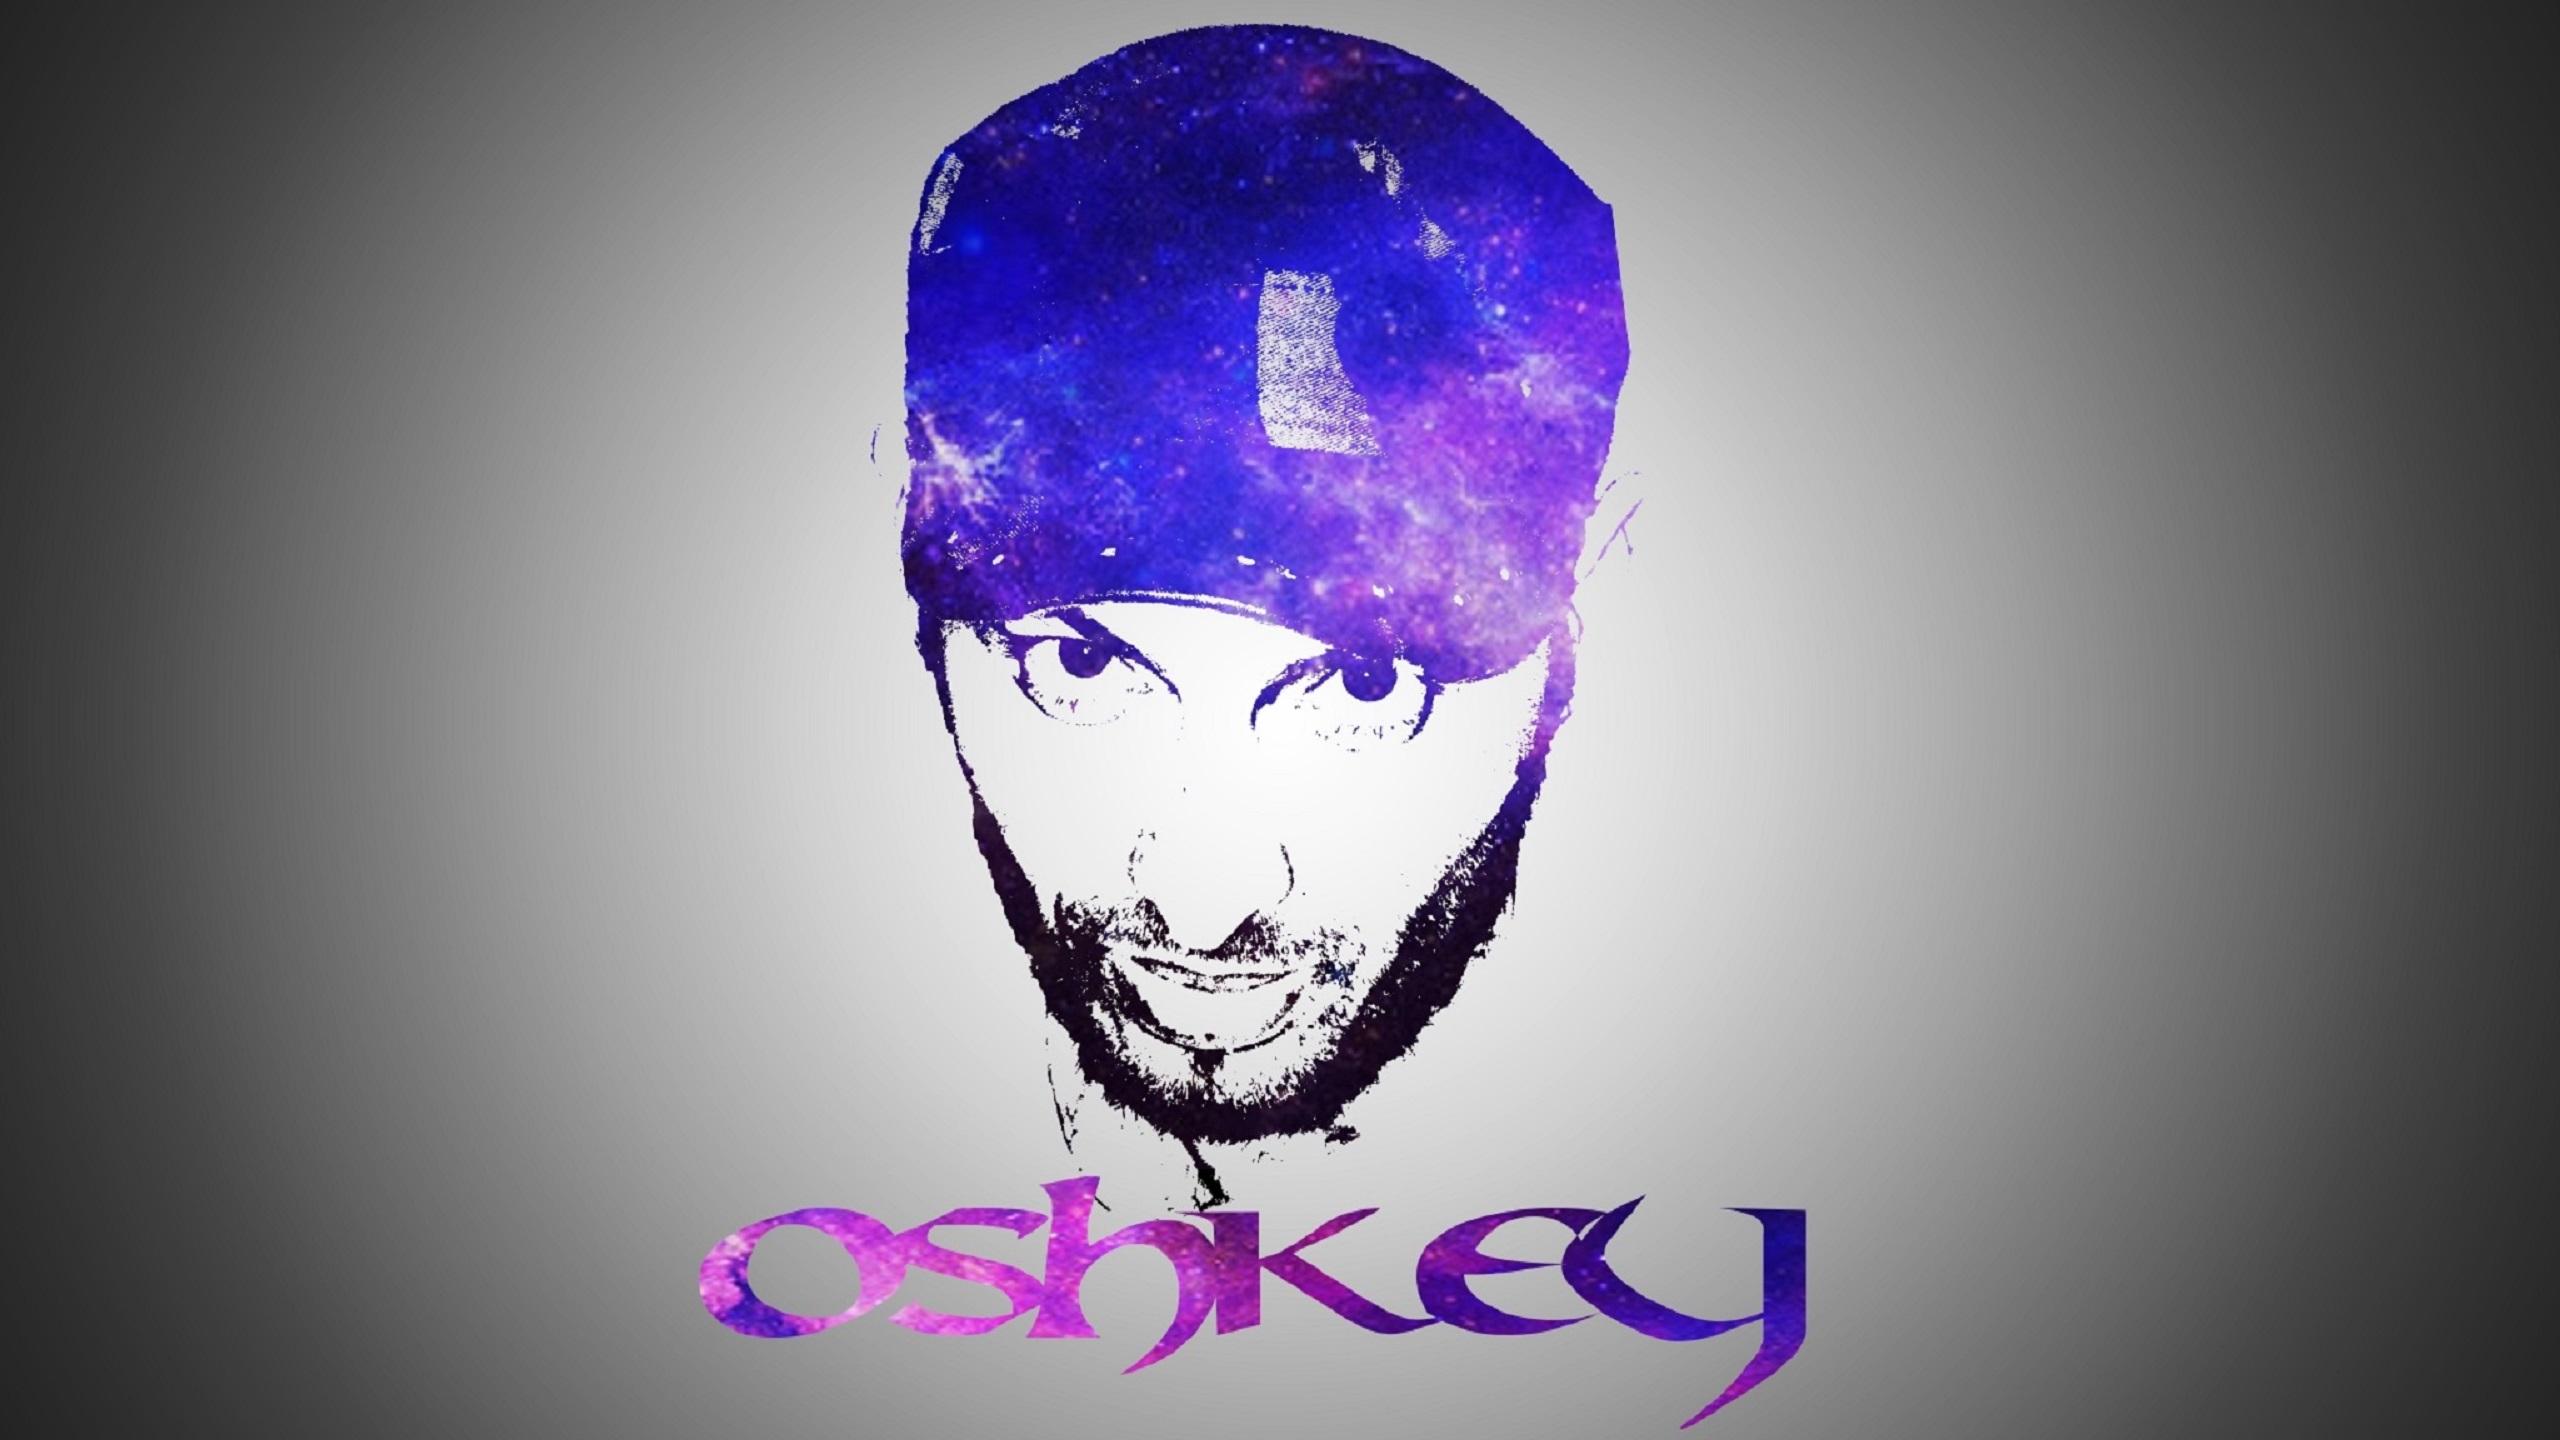 Oshkey-Logo